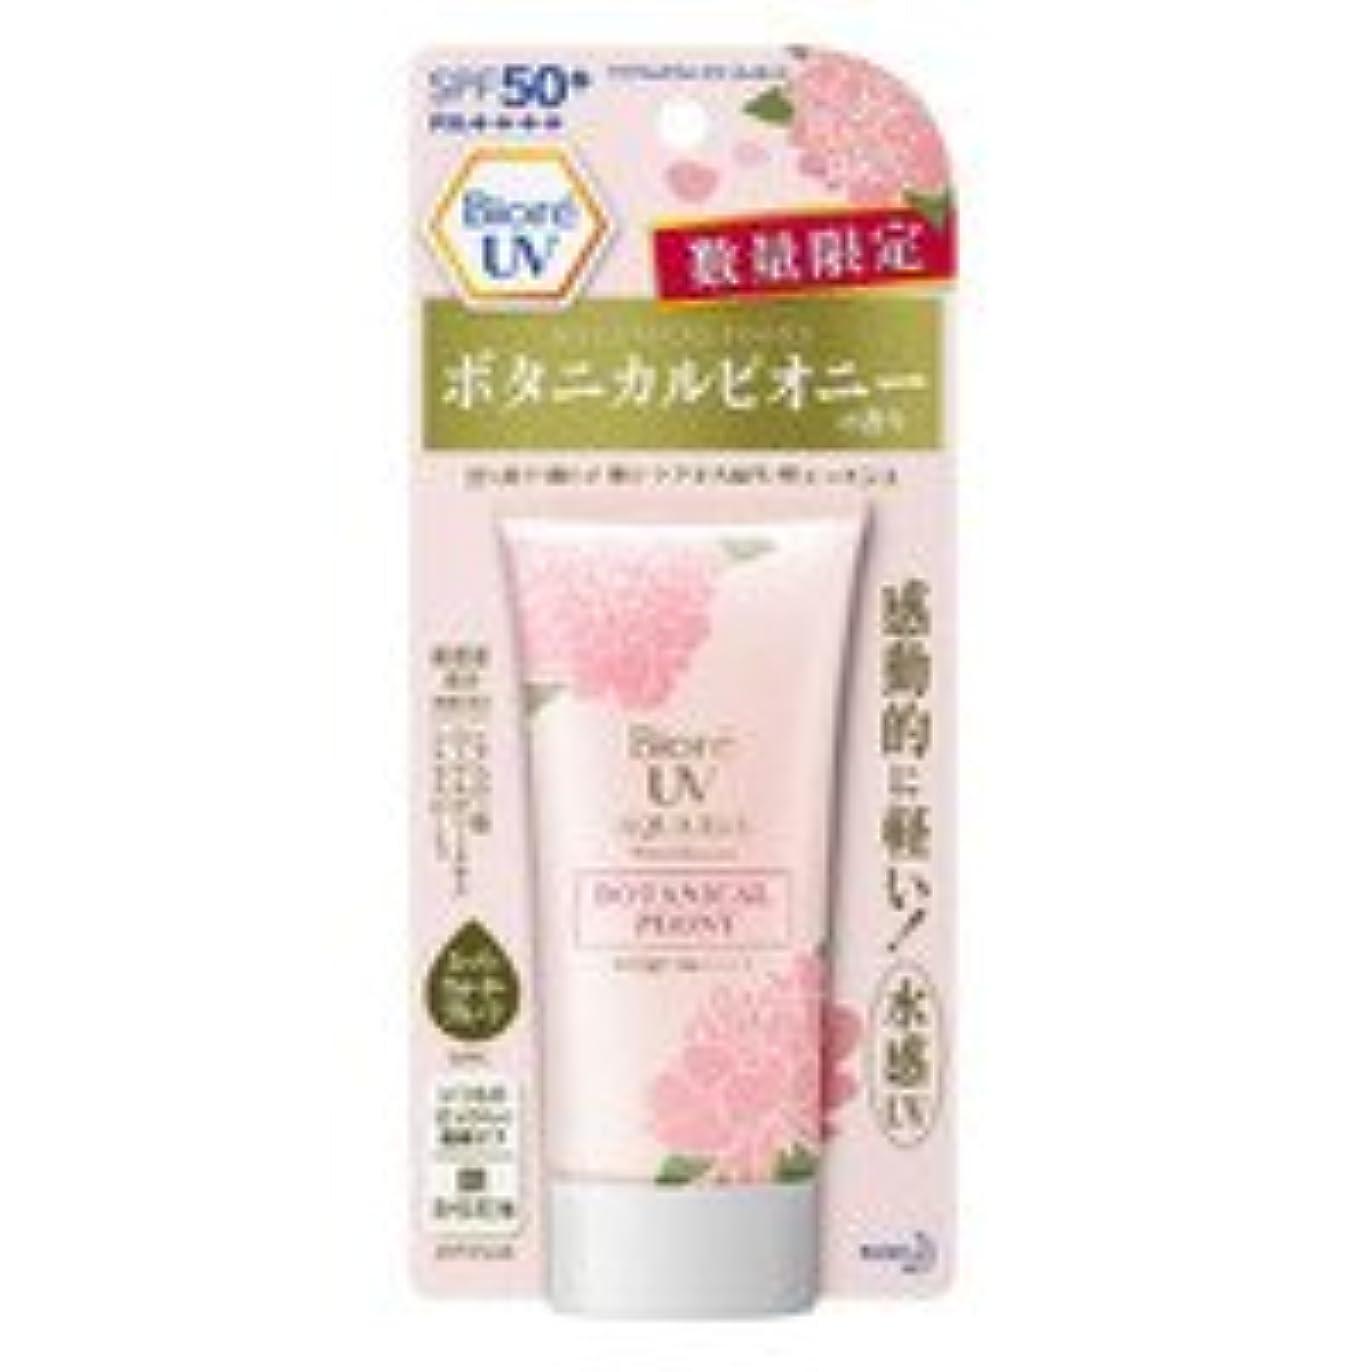 粘液クランプ敬意を表して花王 ビオレUV アクアリッチエッセンス ボタニカルピオニーの香り